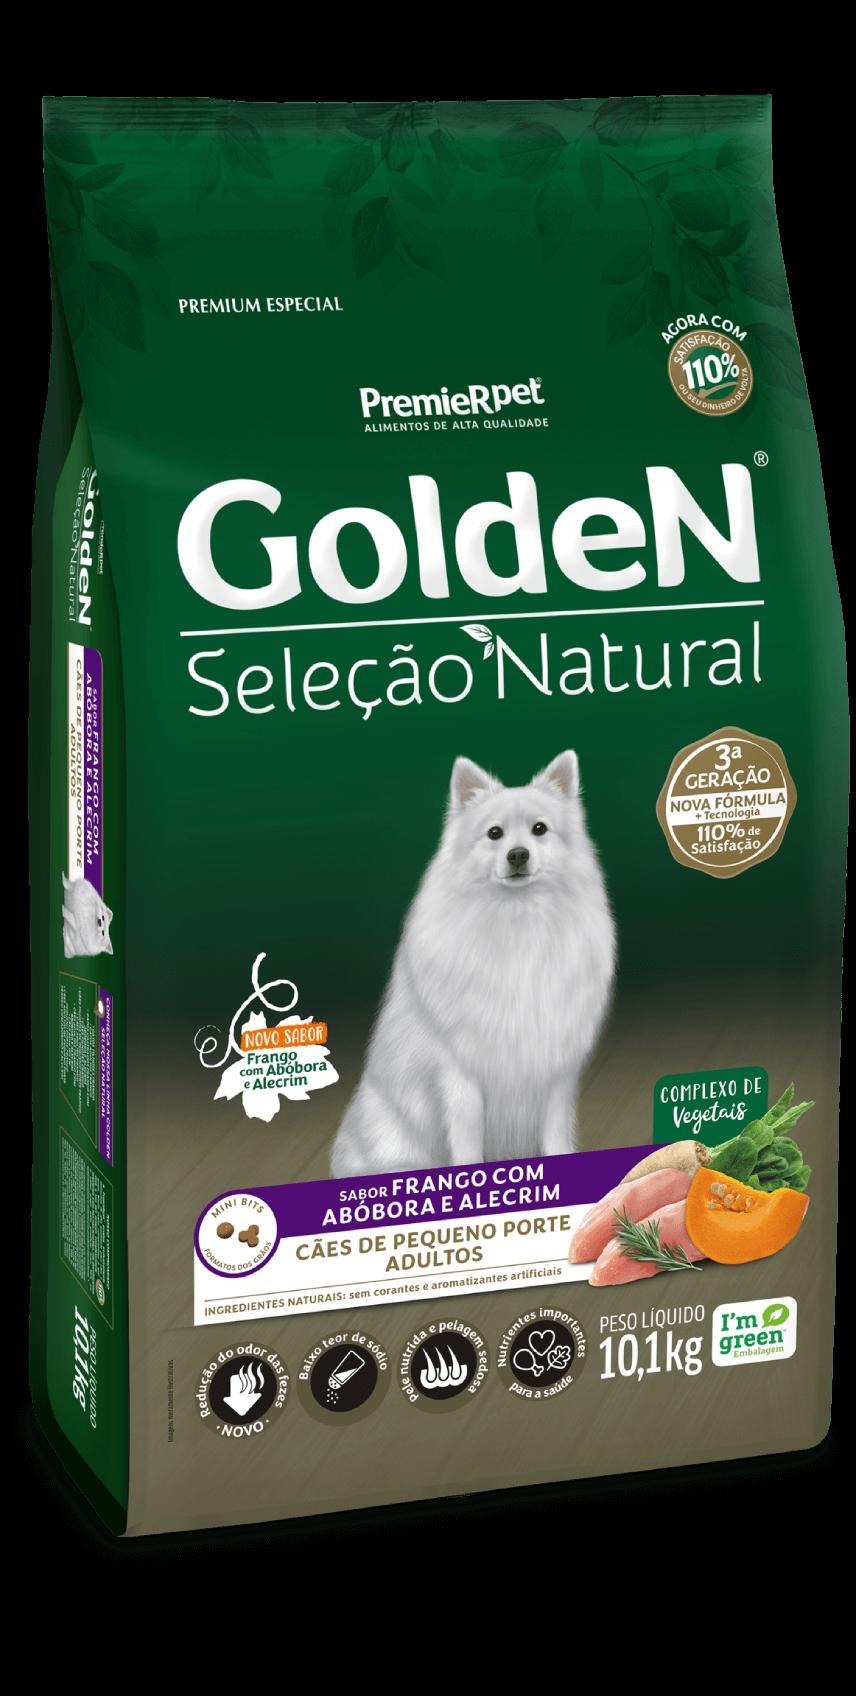 Ração Golden Seleção Natural Cães Adultos Pequeno Porte - Frango com Abóbora e Alecrim